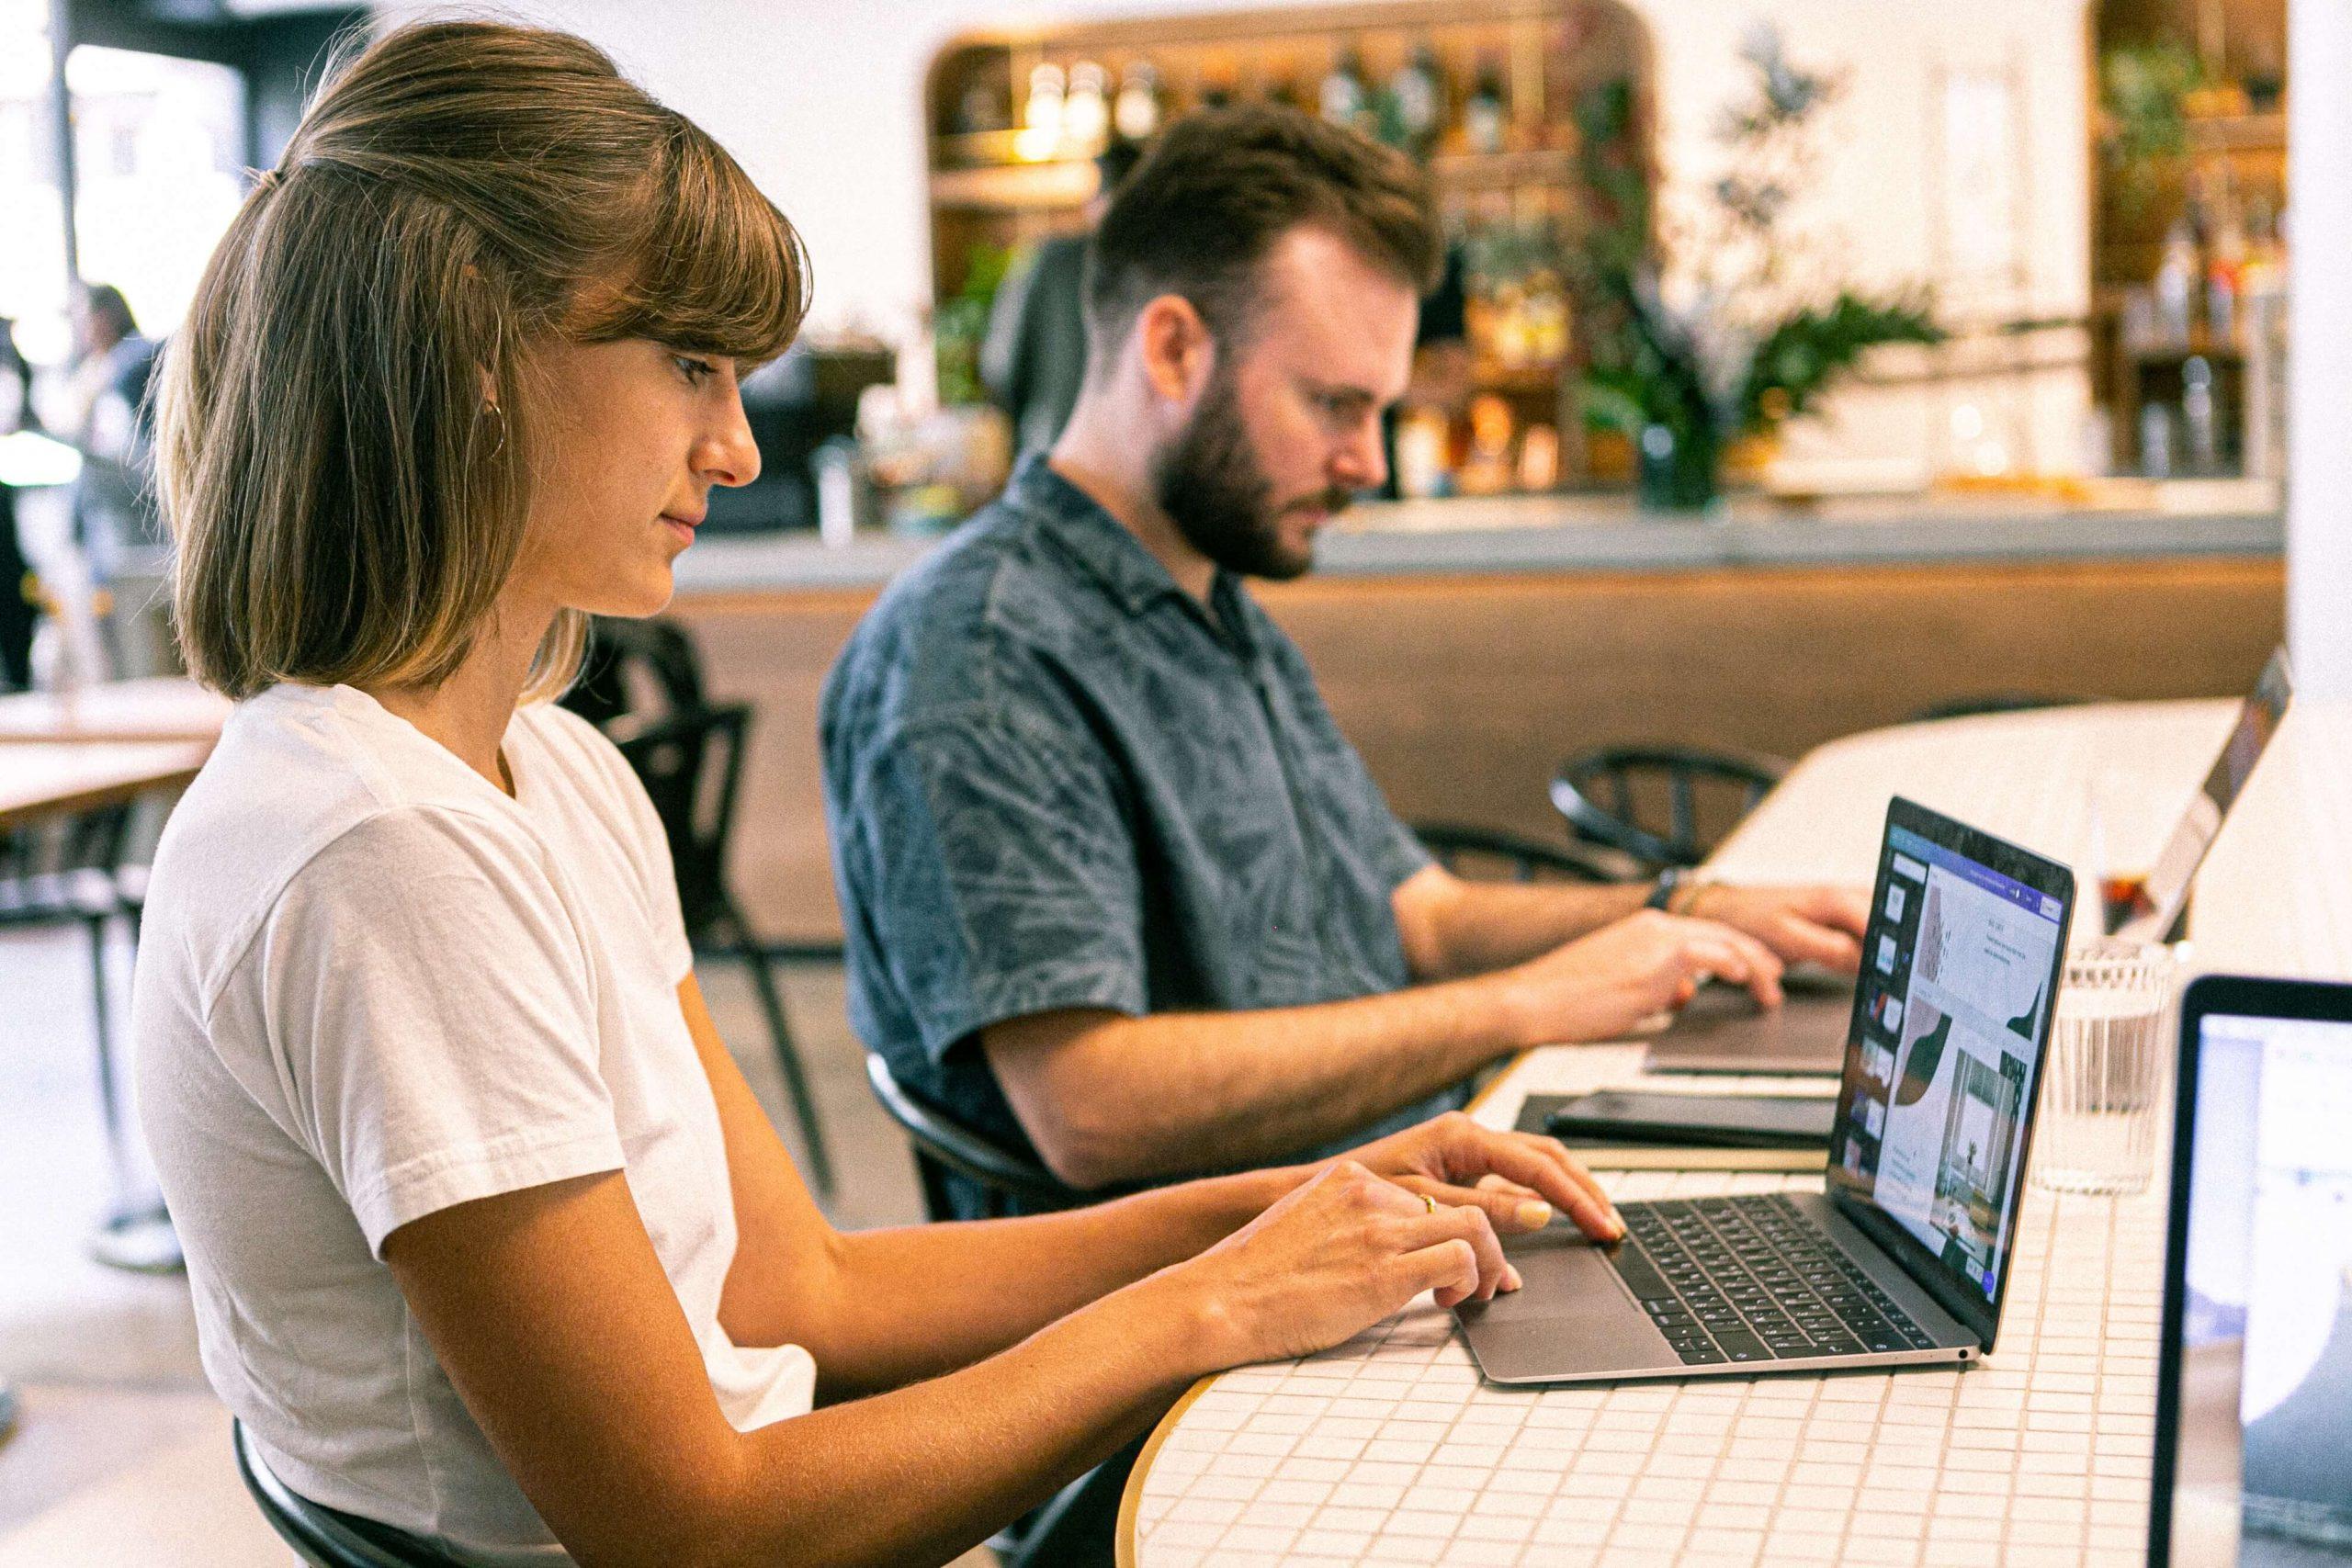 Tips for Applying for Scholarships for Online MBAs